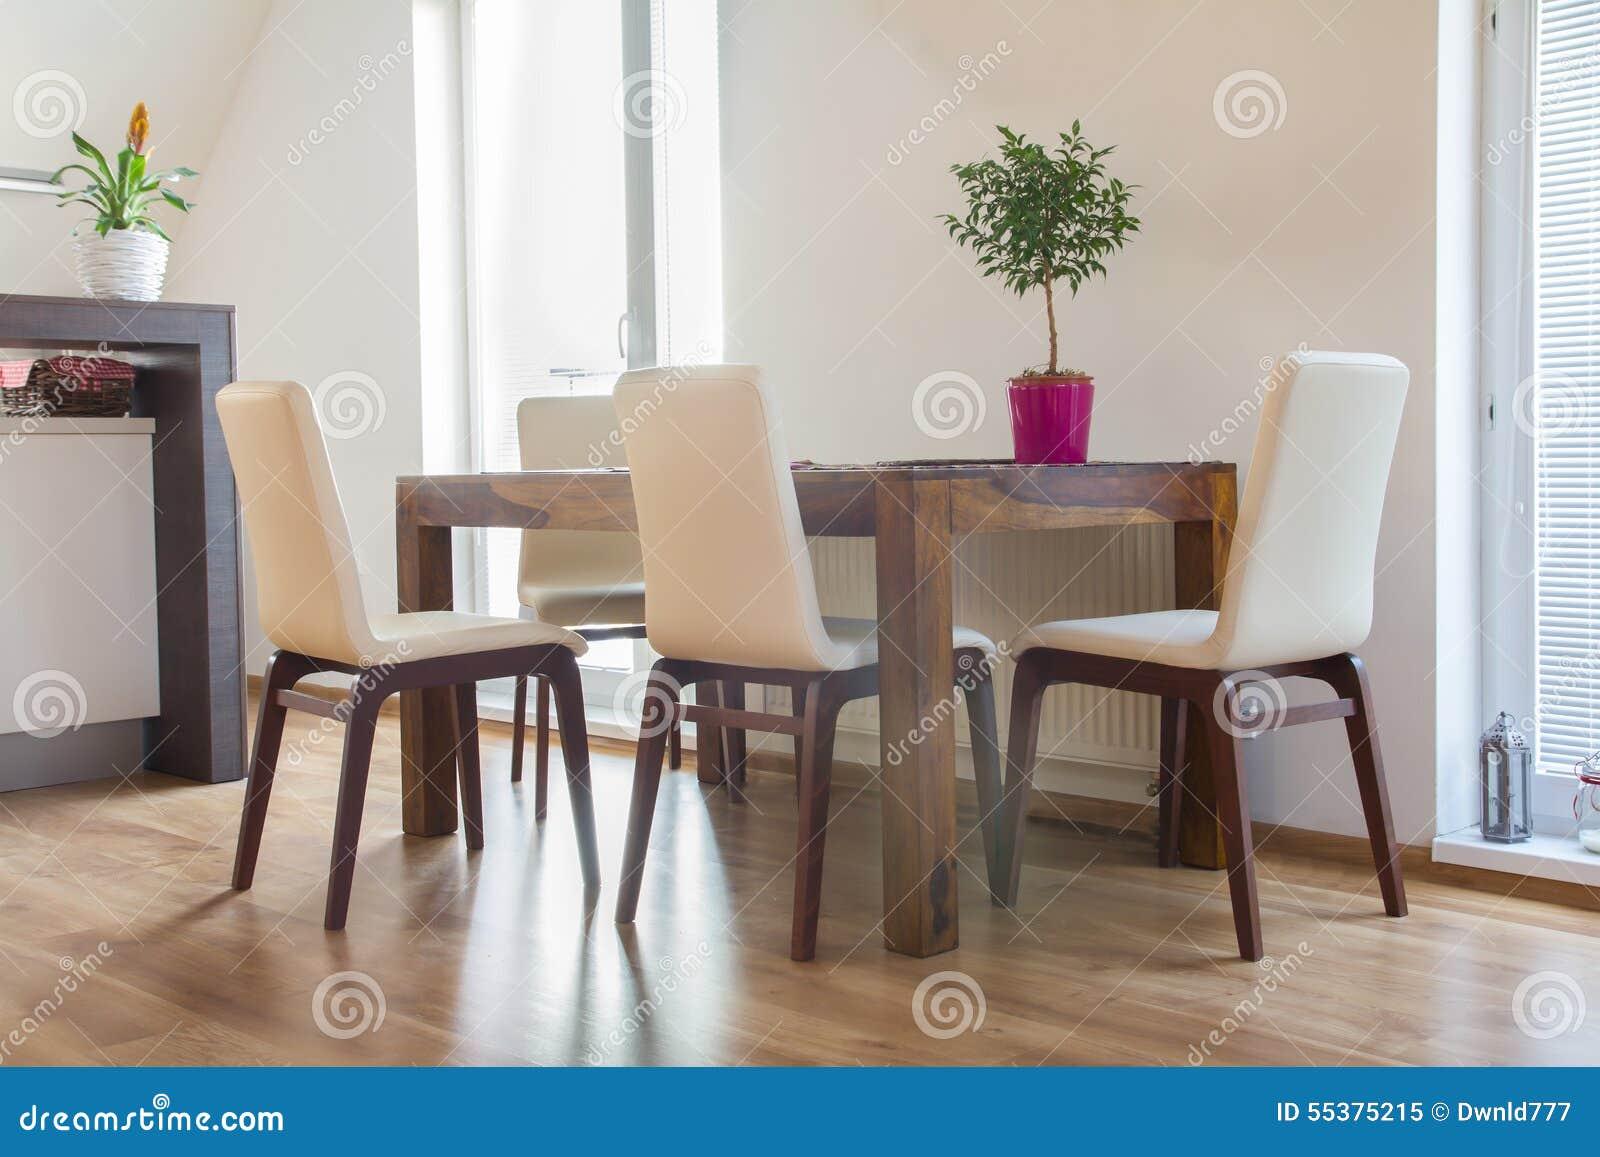 Altezza tavolo da pranzo tavolo da pranzo moderno in - Altezza tavolo da pranzo ...